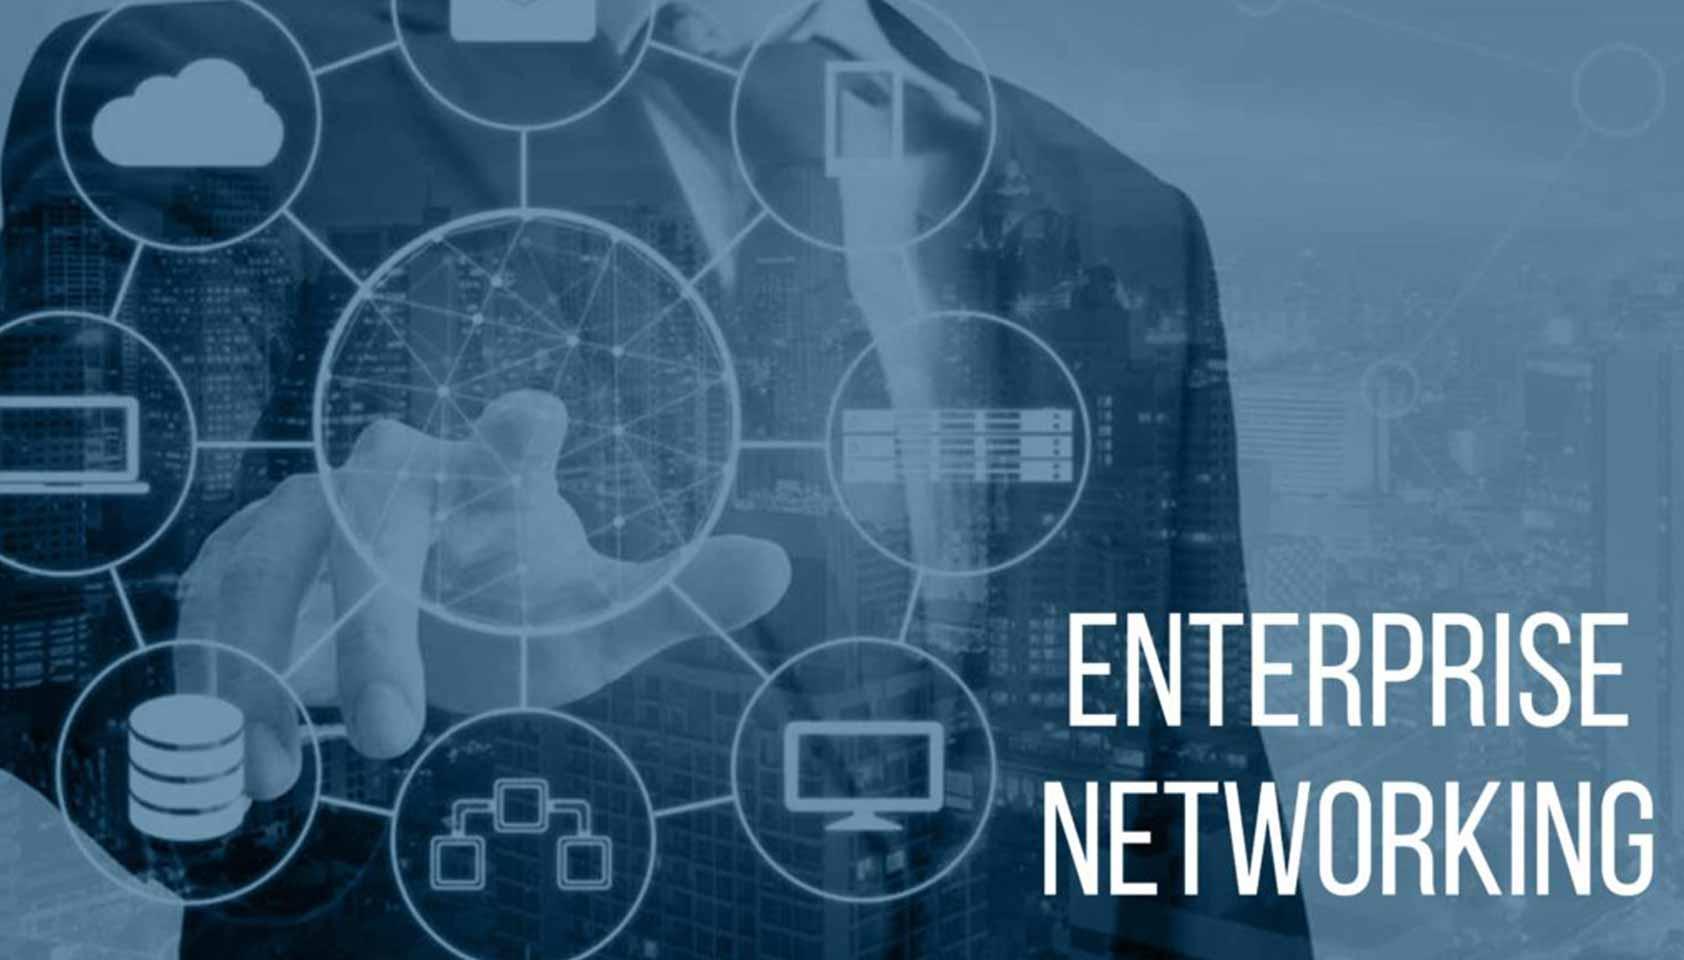 Enterprise-Networking-Solutions-Dubai